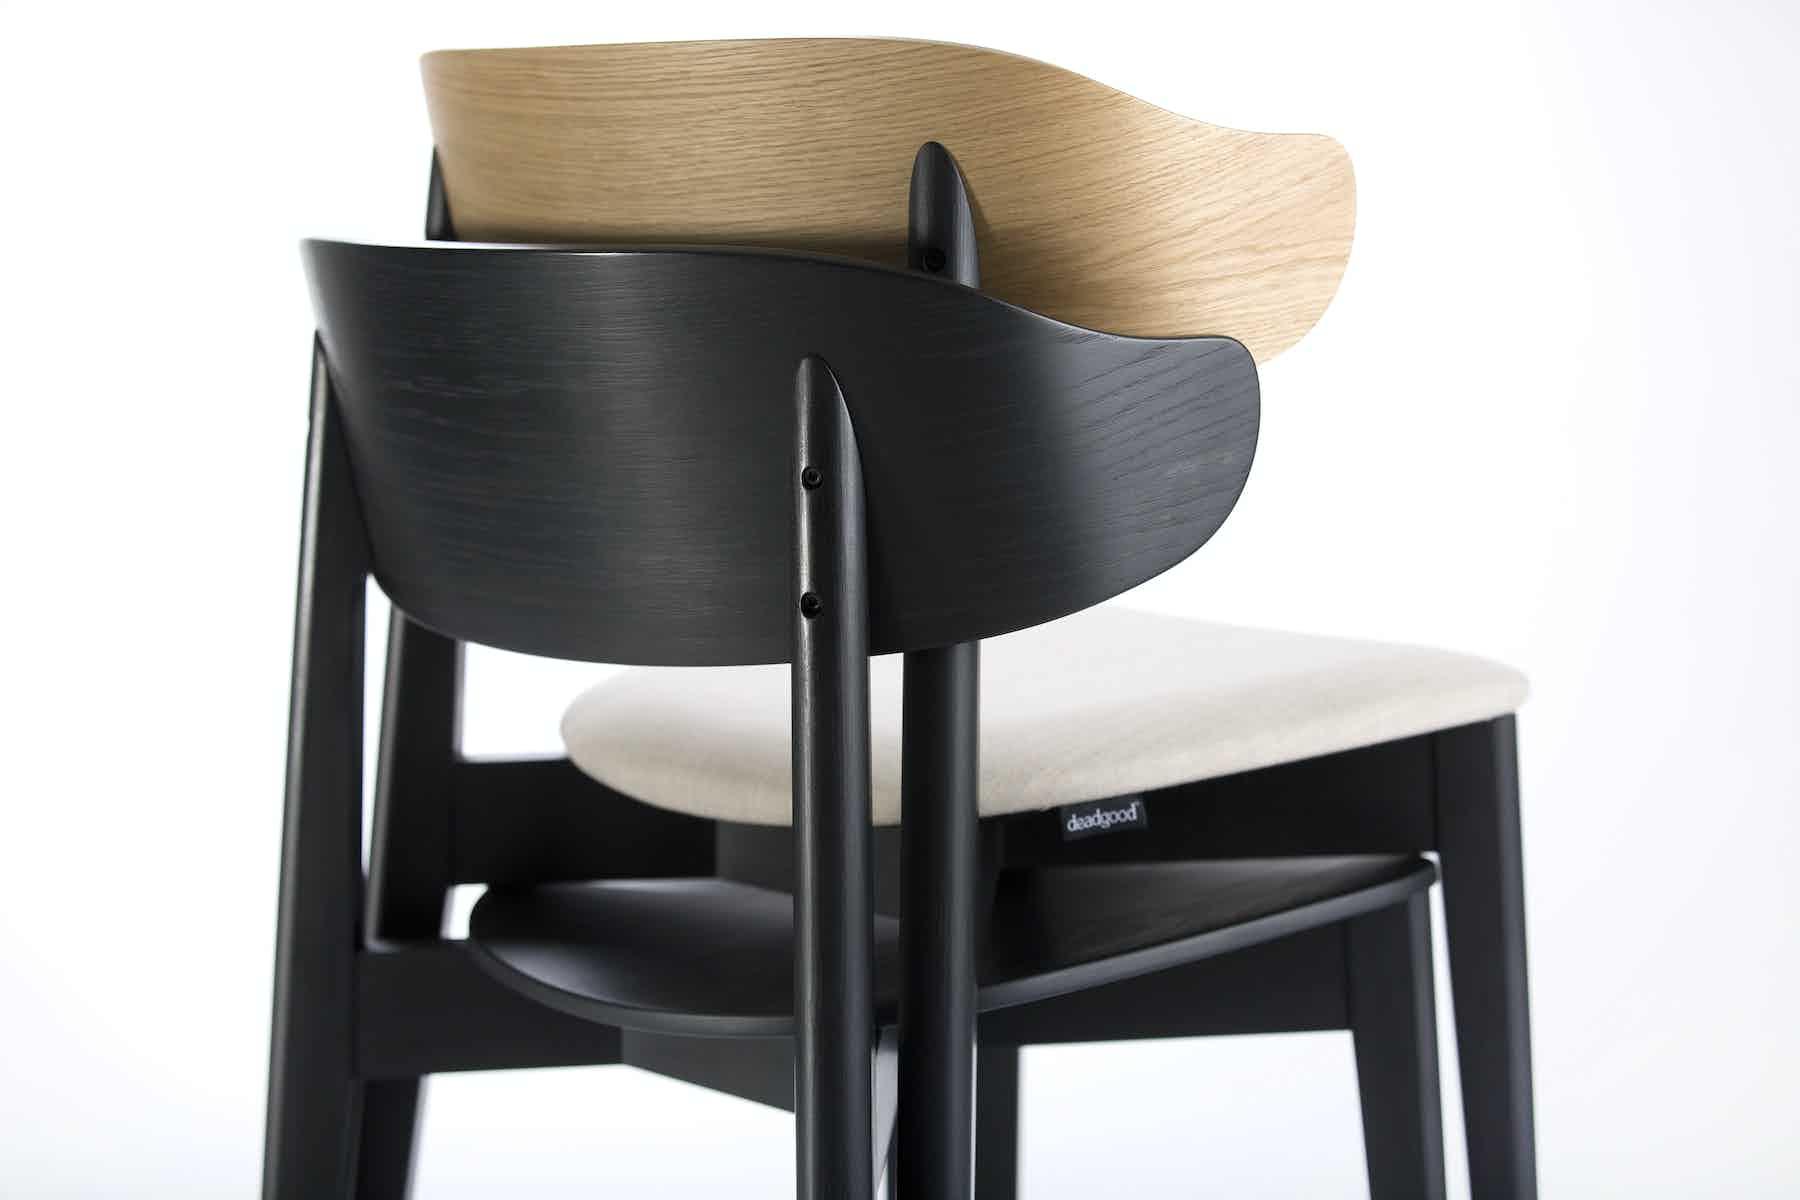 Deadgood-setter-chair-stacked-haute-living